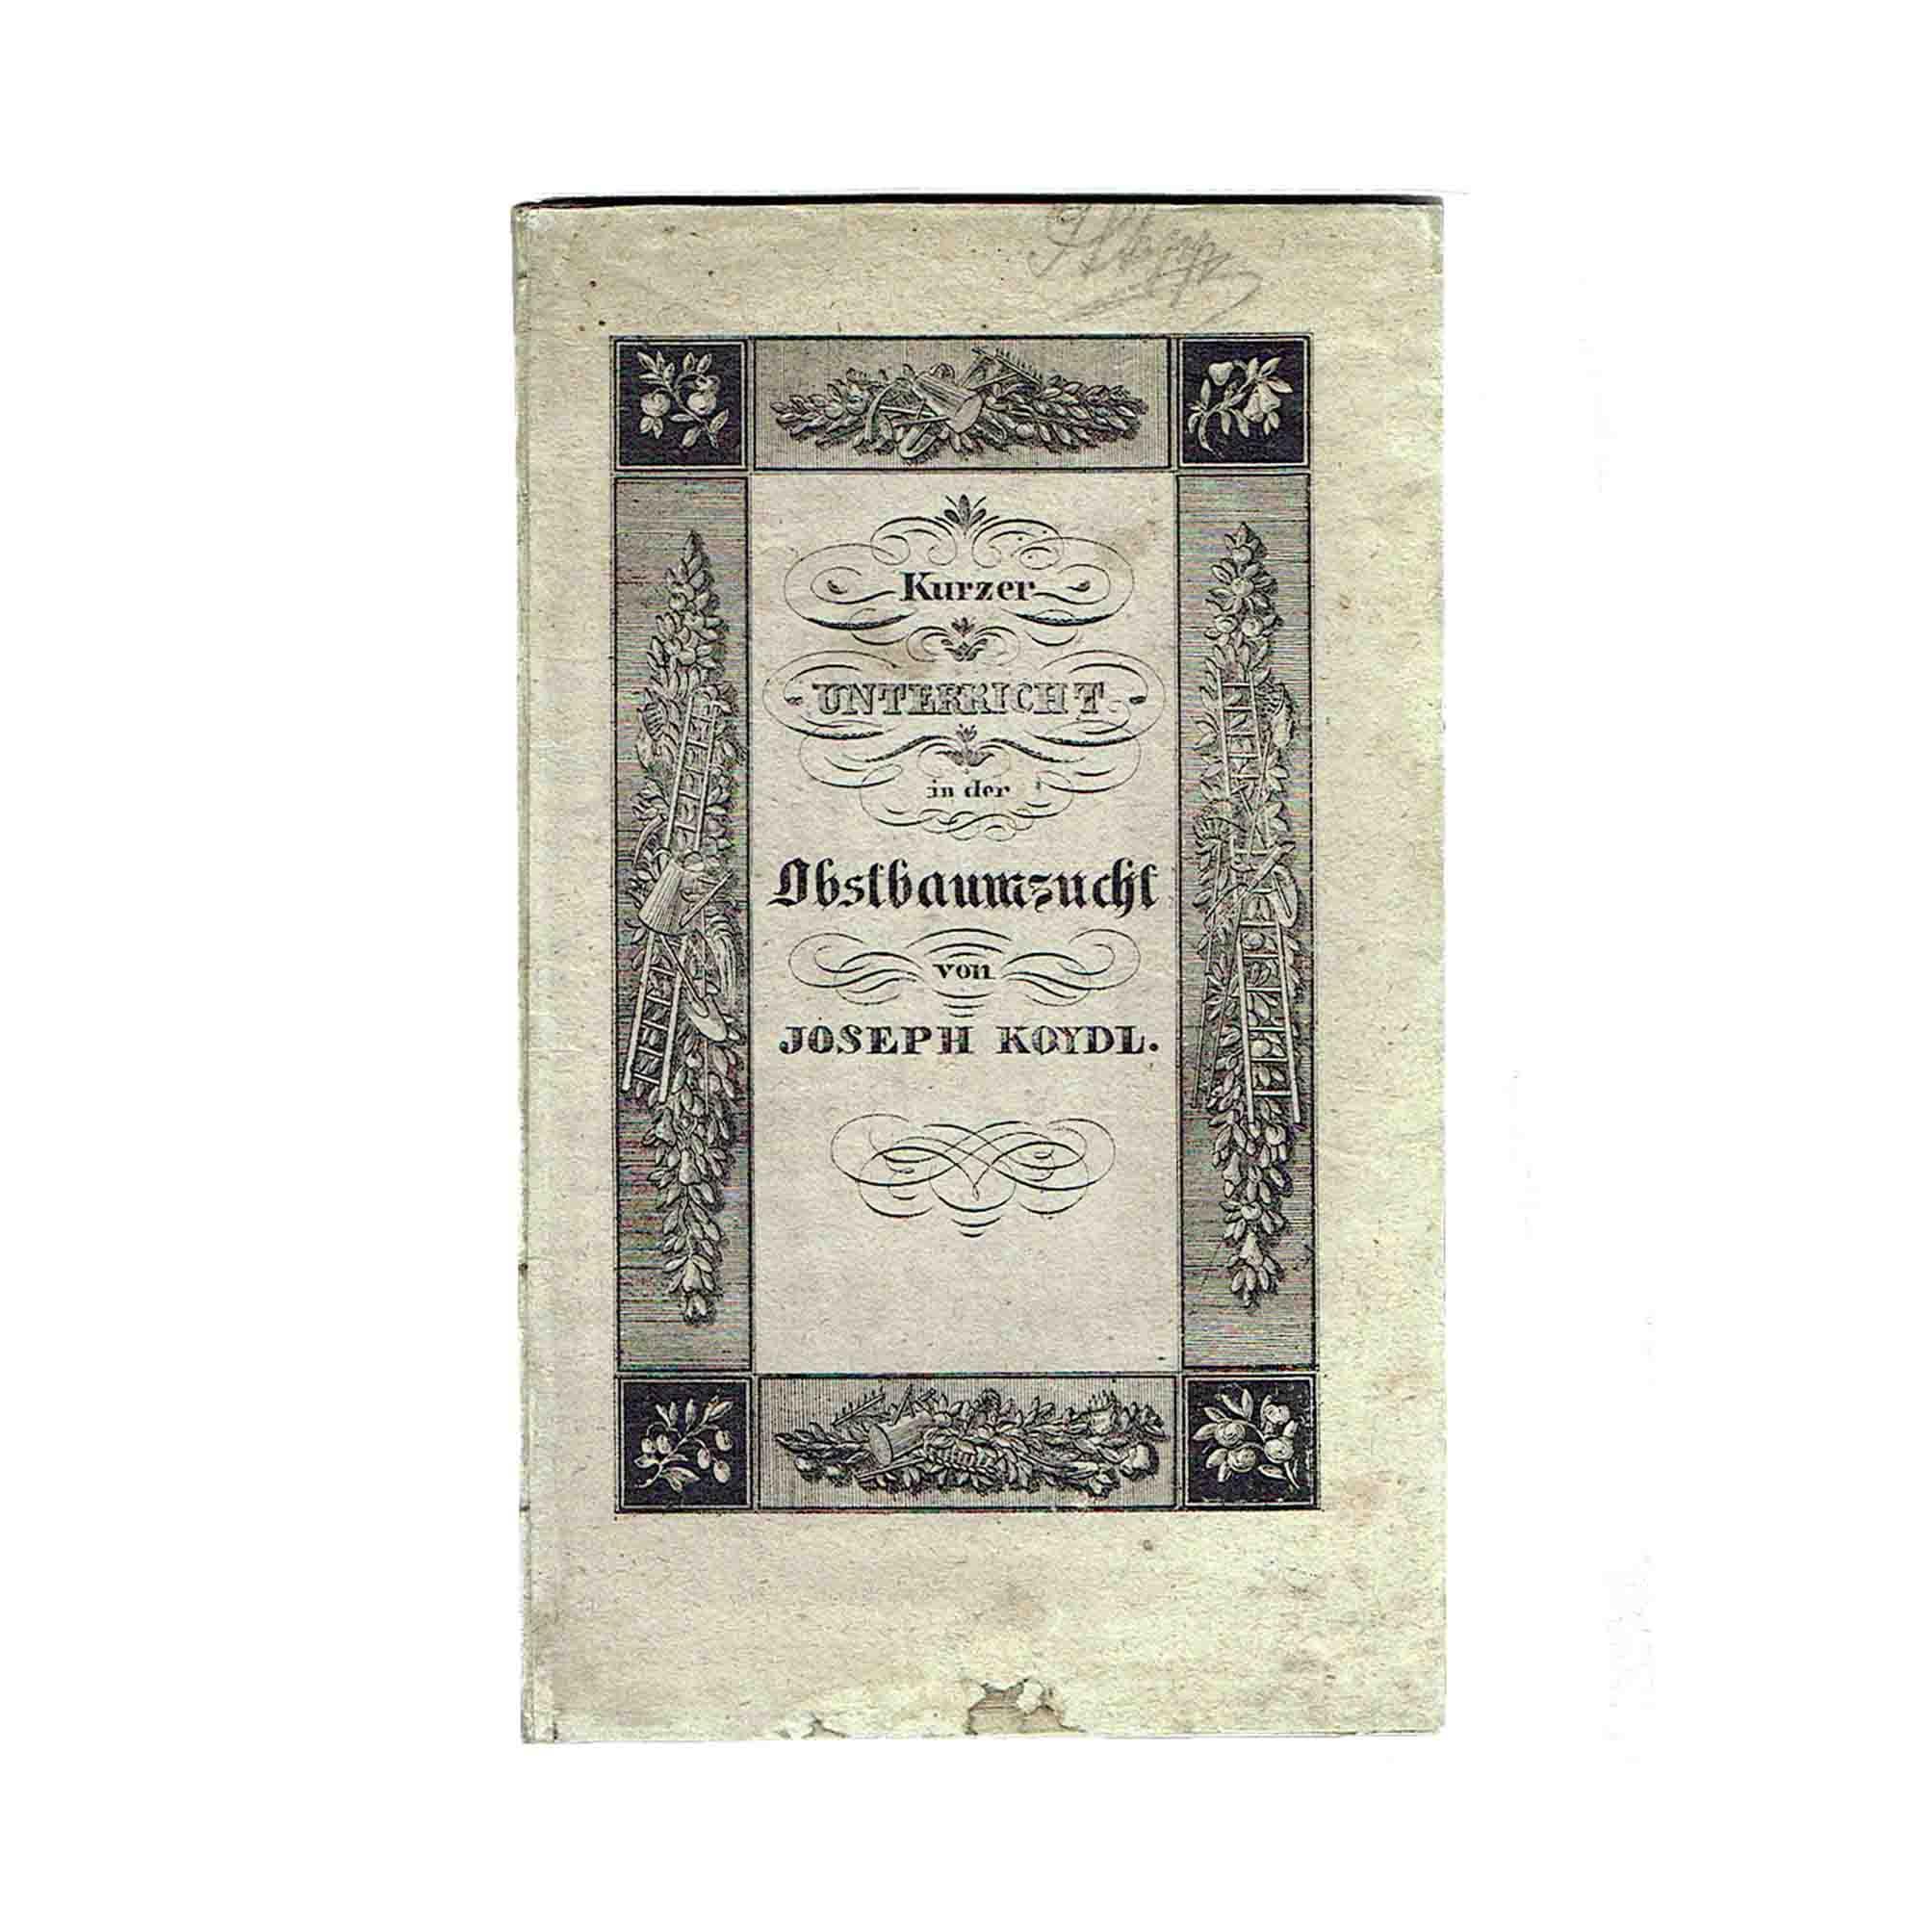 5550-Koydl-Obstbaumzucht-1834-Umschlag-Lithografie-recto-frei-N.jpg